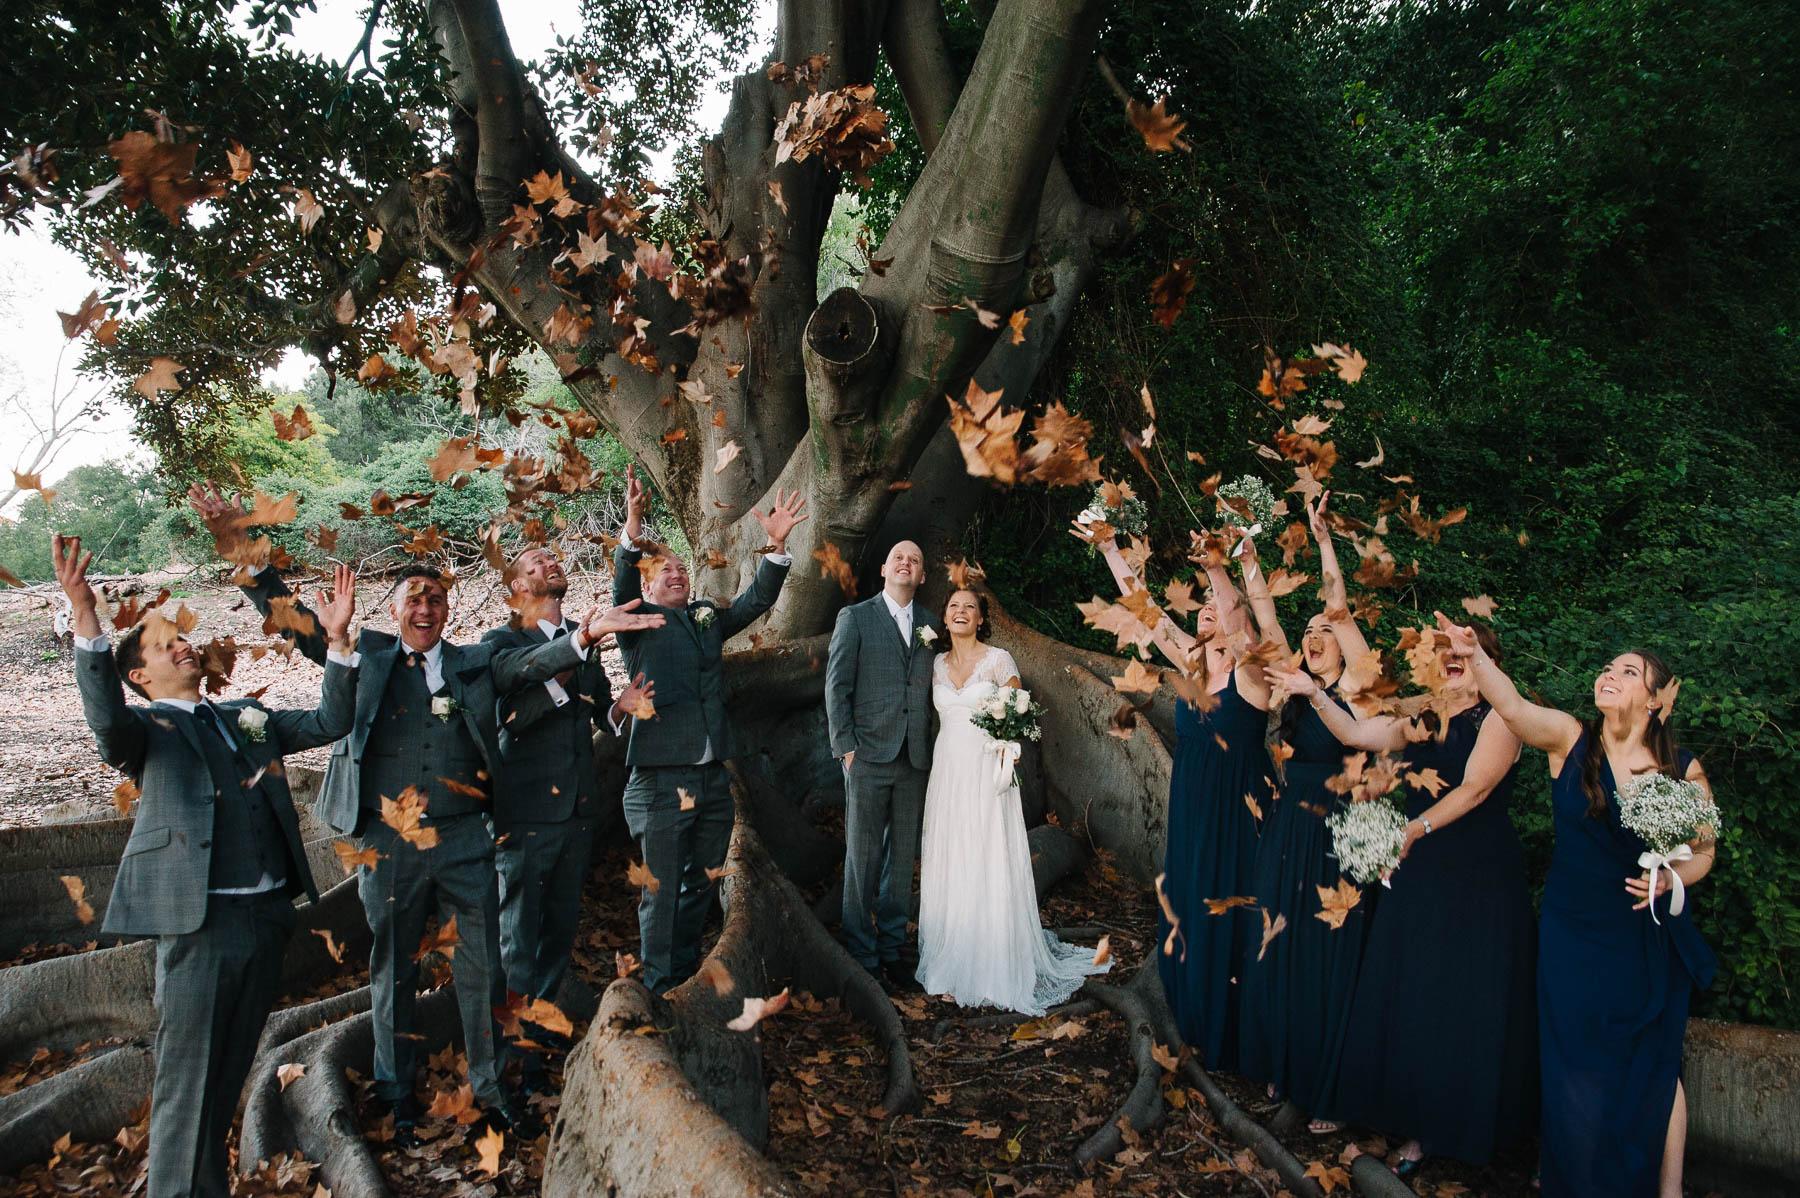 65-fig tree wedding photo perth.jpg